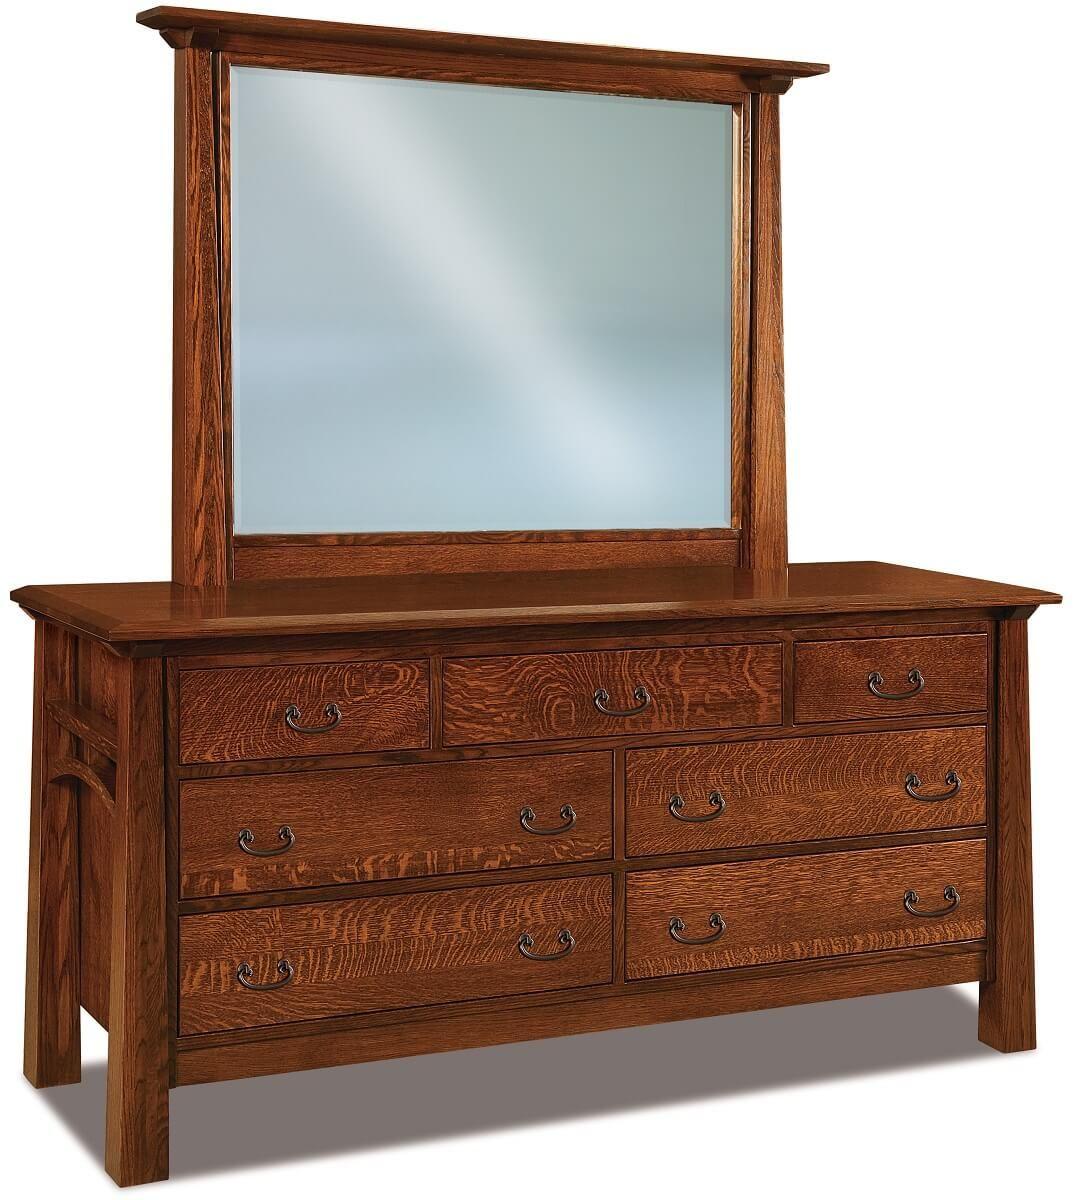 Bellevue Dresser with Mirror